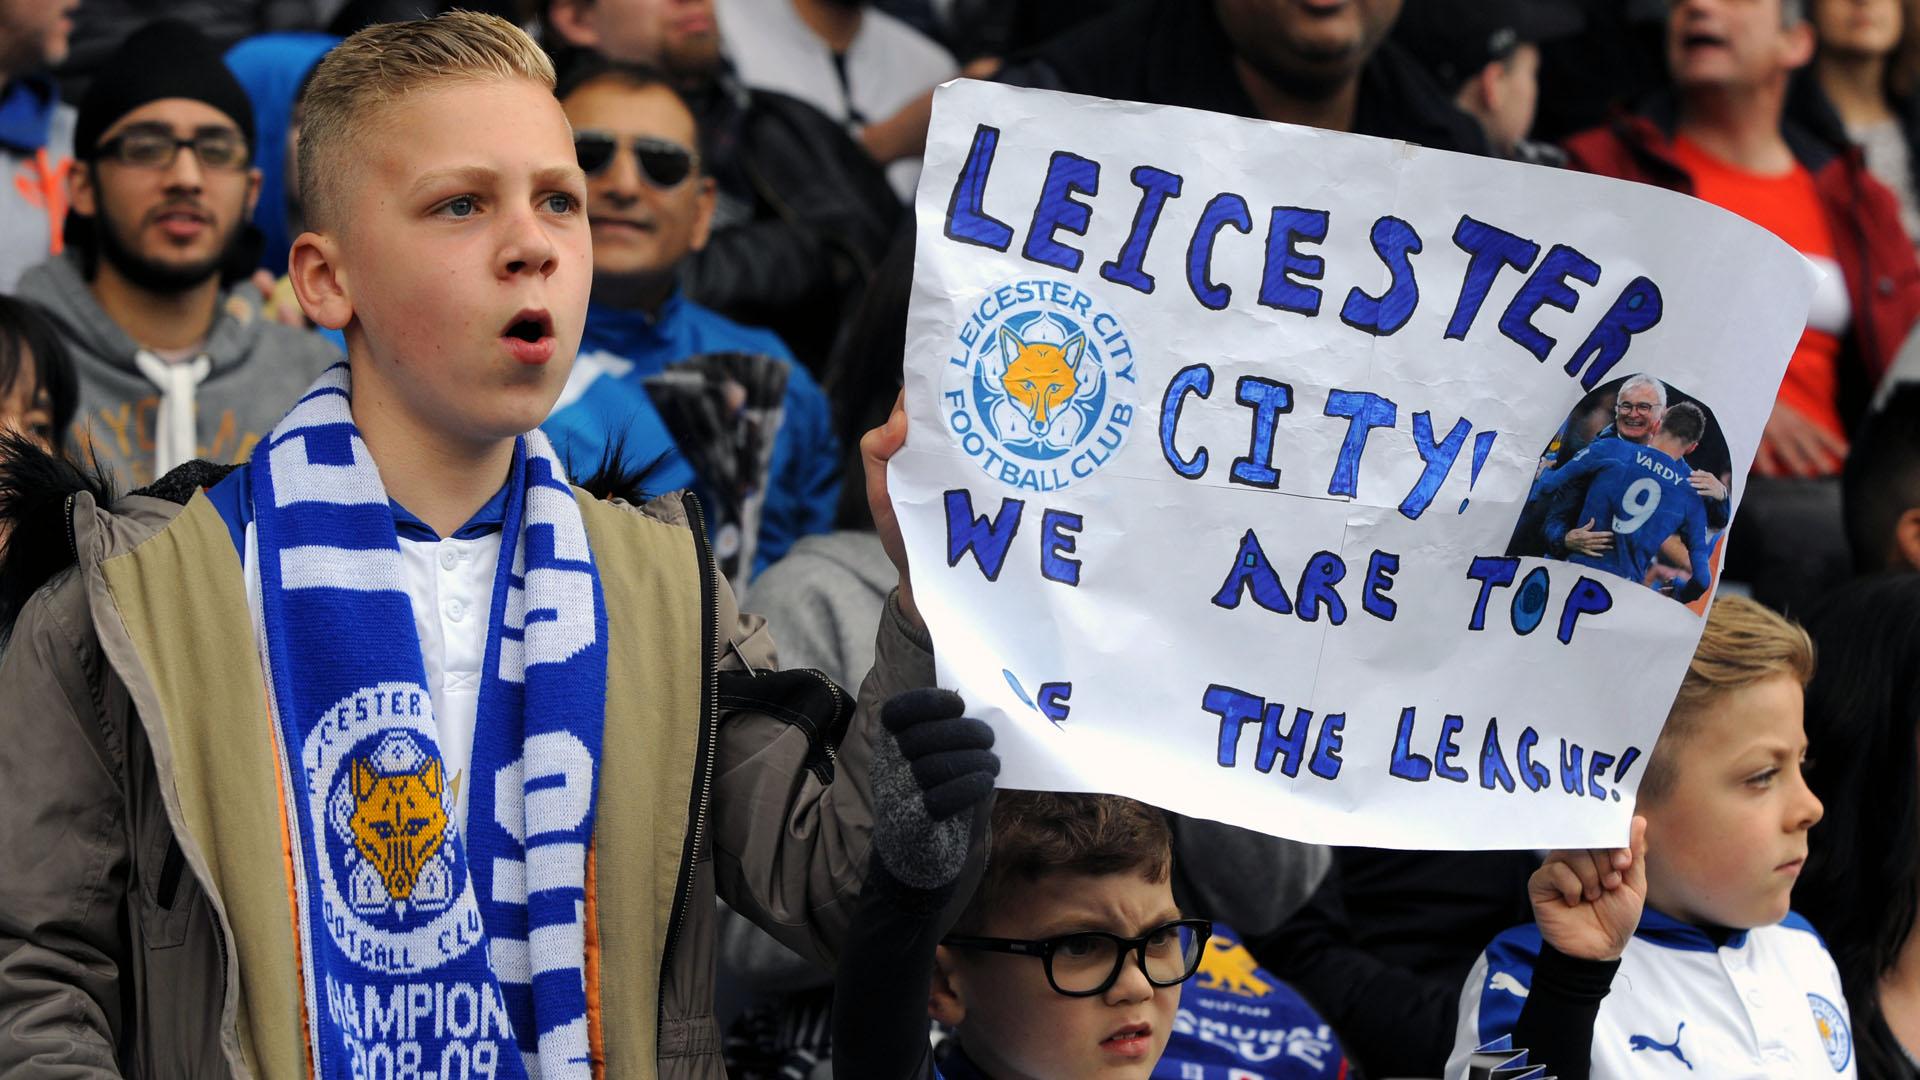 Torcedores comemoram a liderança do Leicester na Premier League (AP Photo/Rui Vieira)